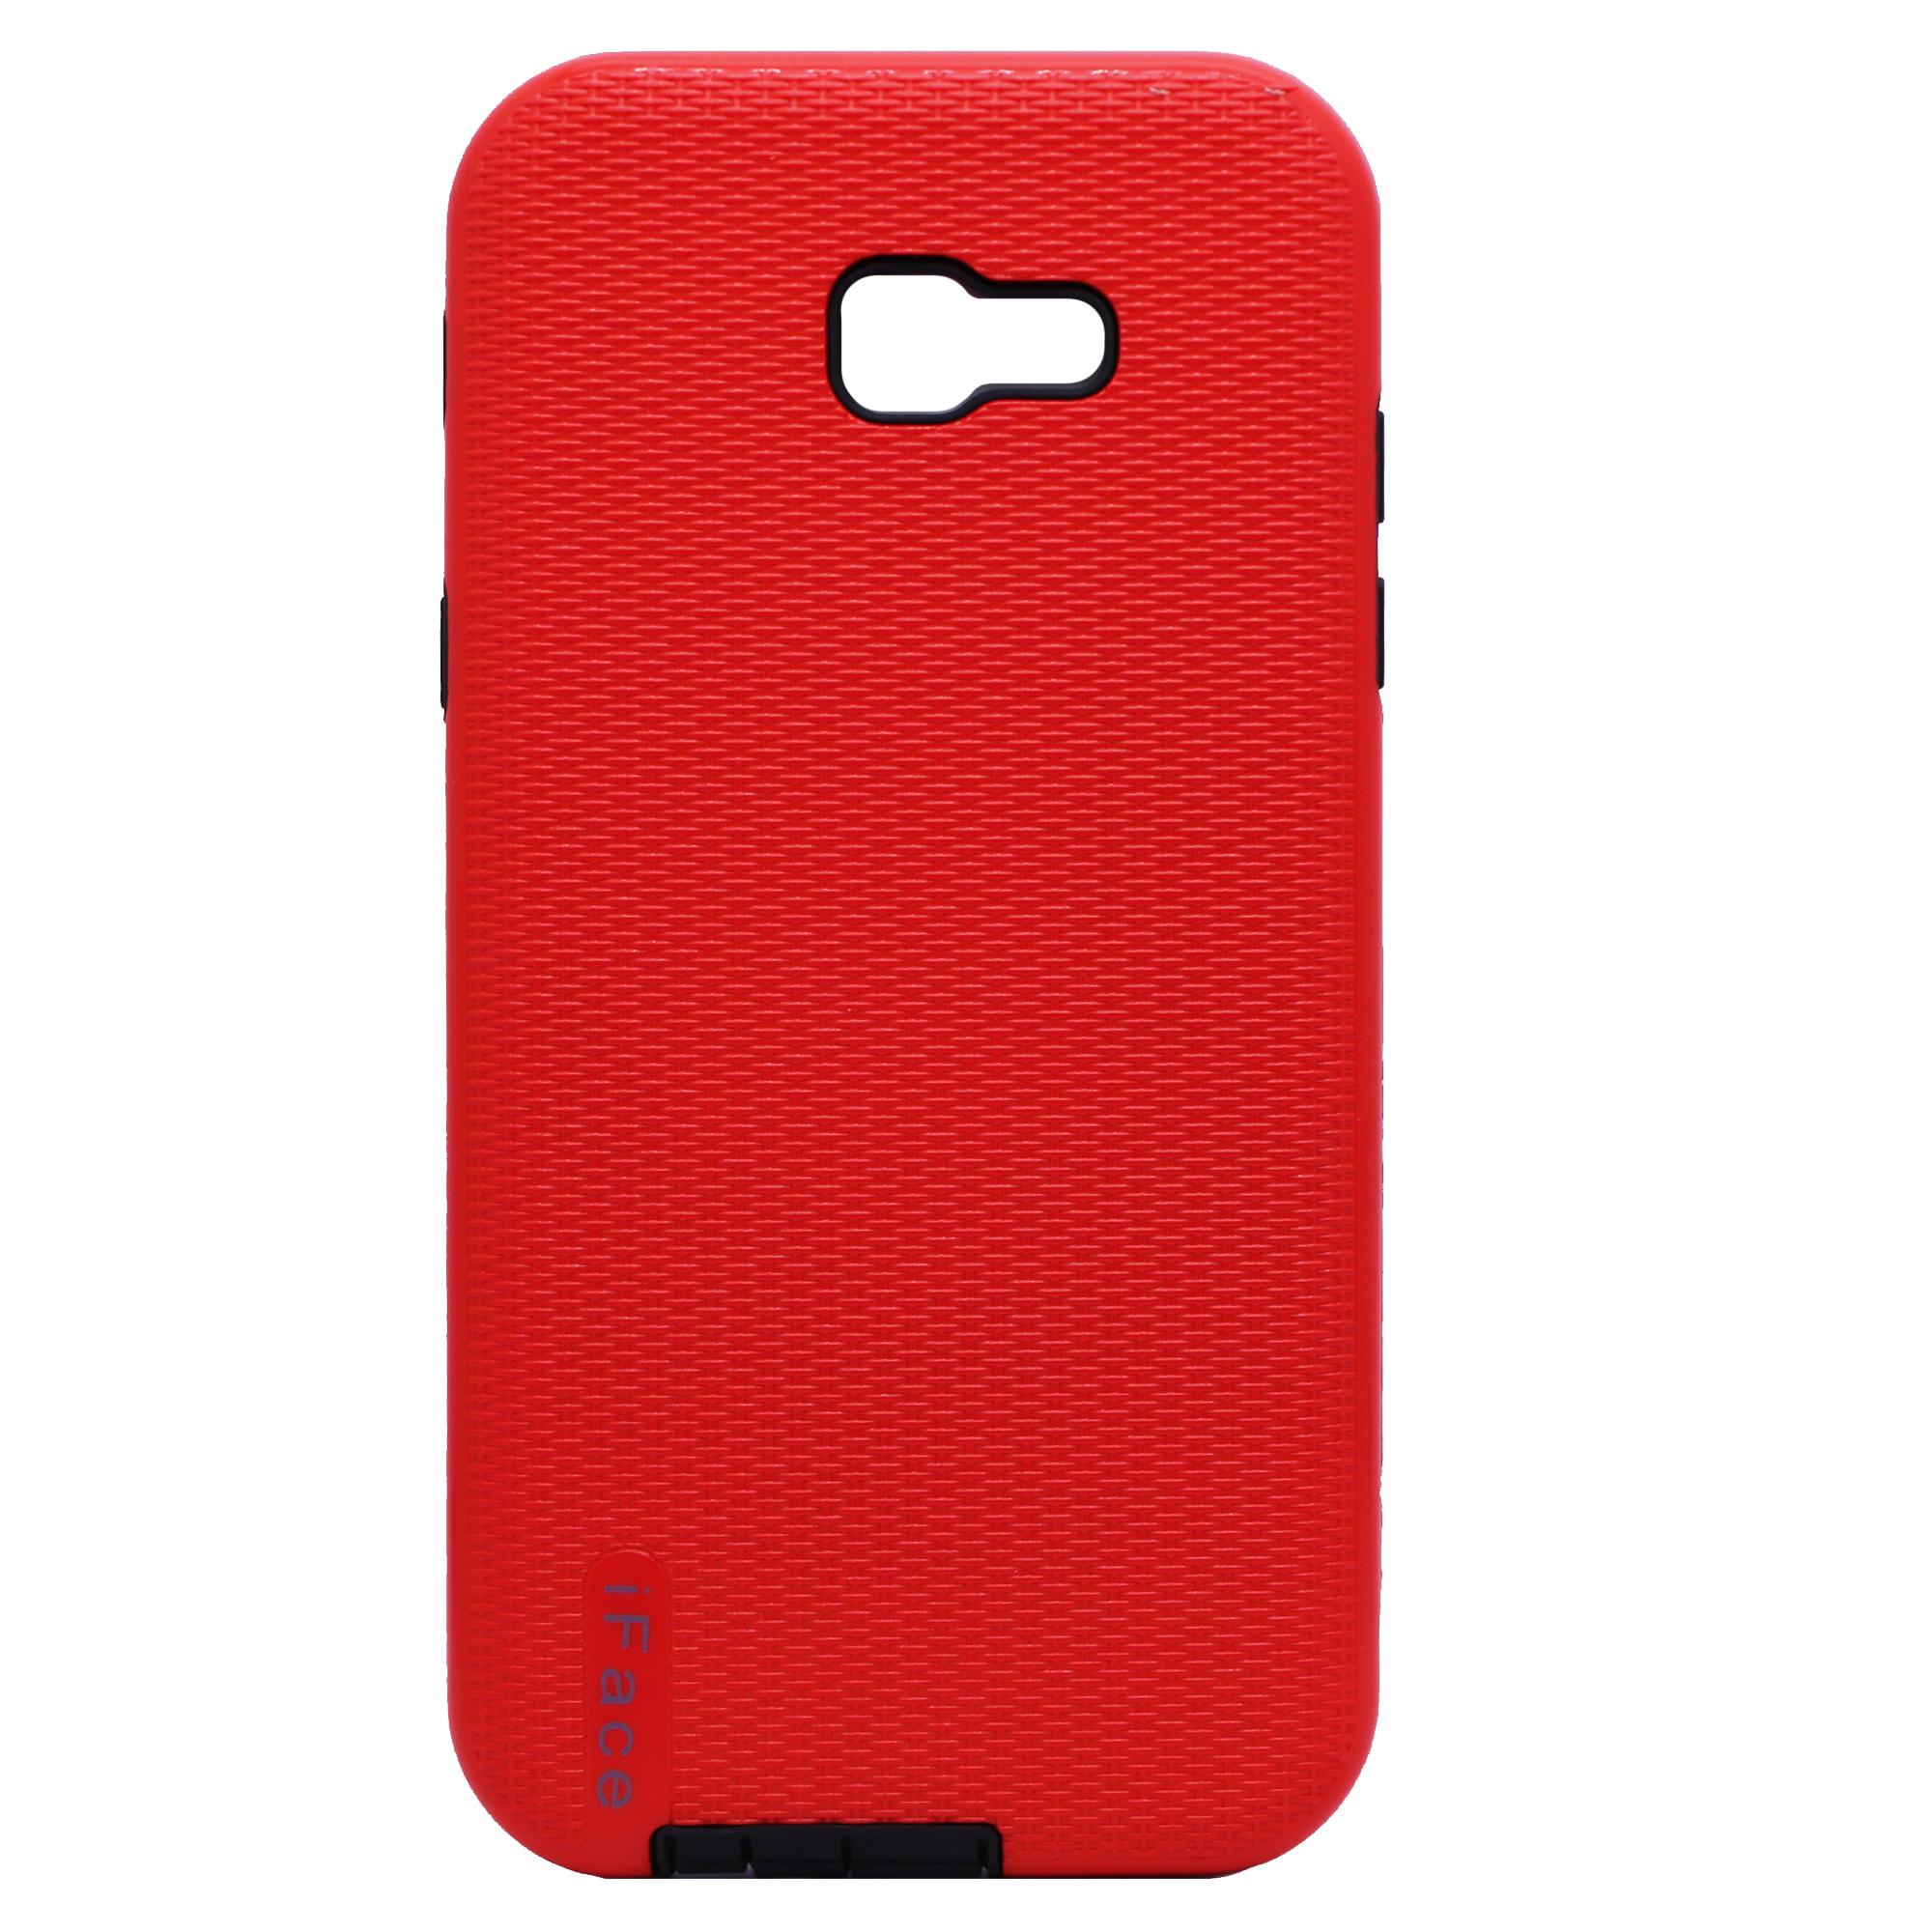 کاور مدل RB-01 مناسب برای گوشی موبایل سامسونگ Galaxy A7 2017              ( قیمت و خرید)